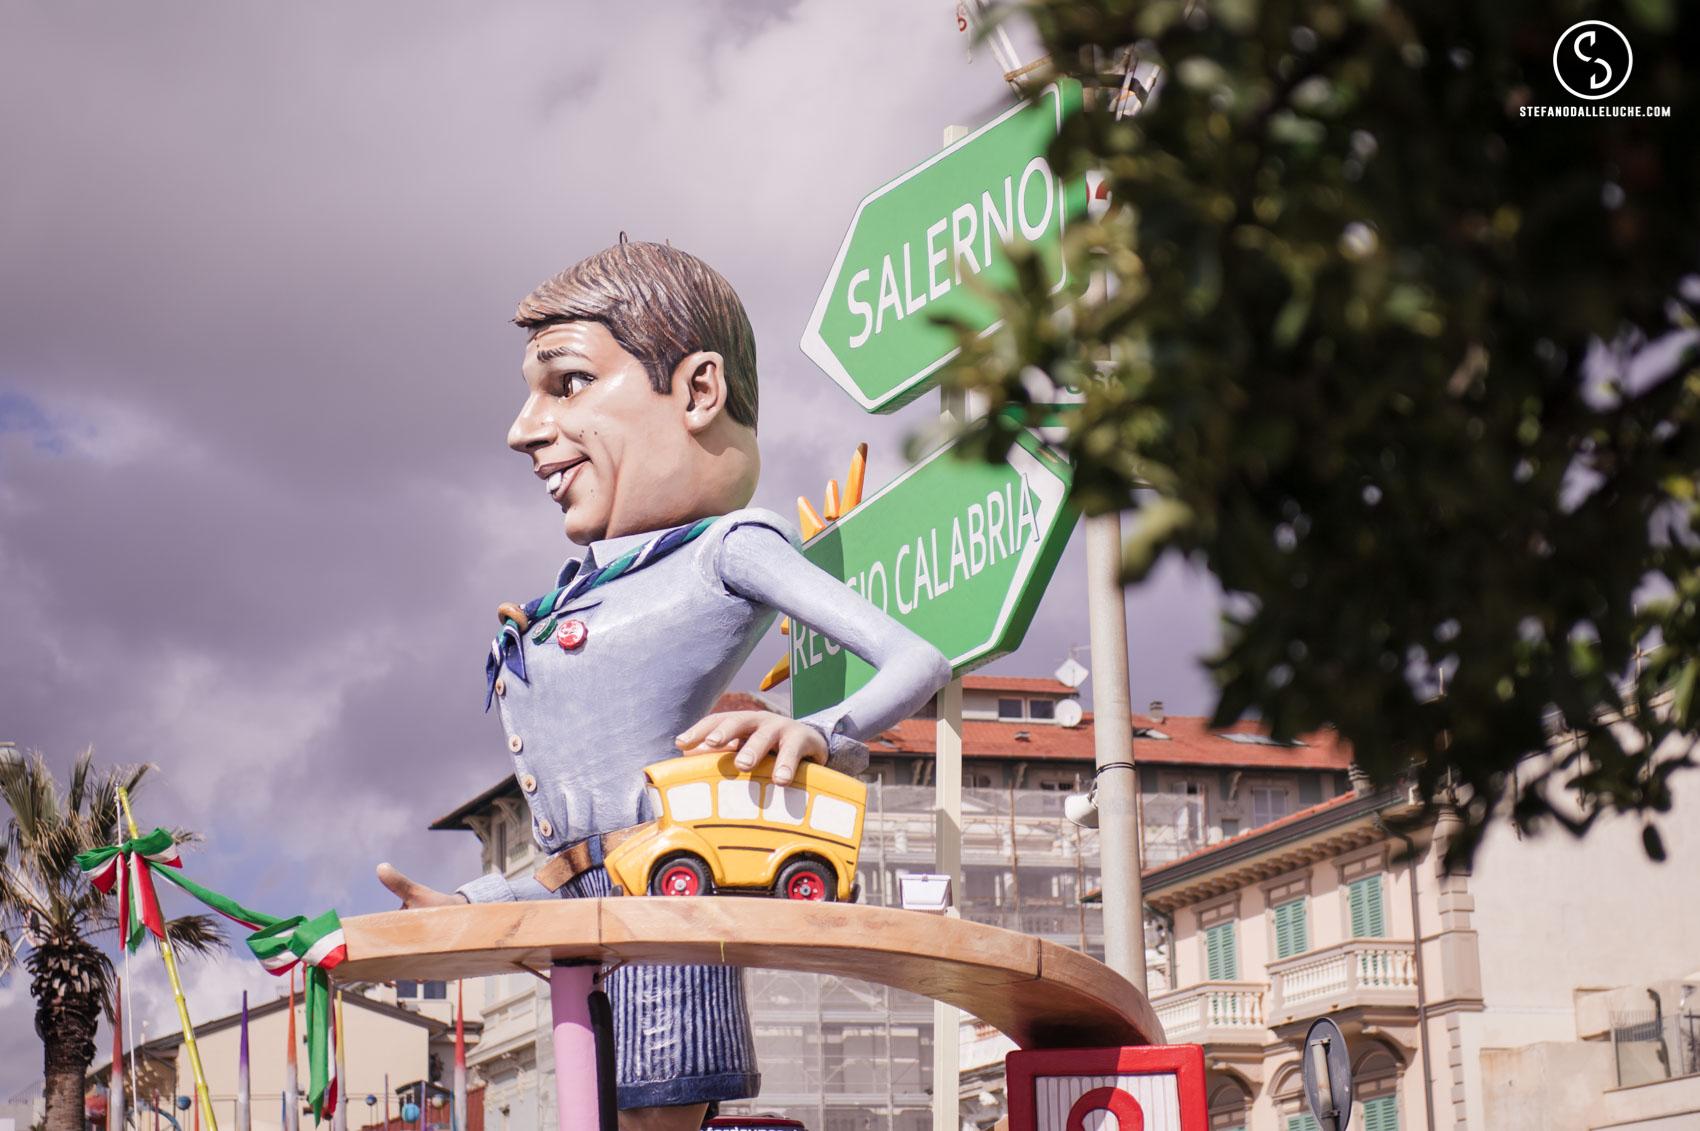 Carnevale di Viareggio 2017, le schede dei giurati delle mascherate di gruppo